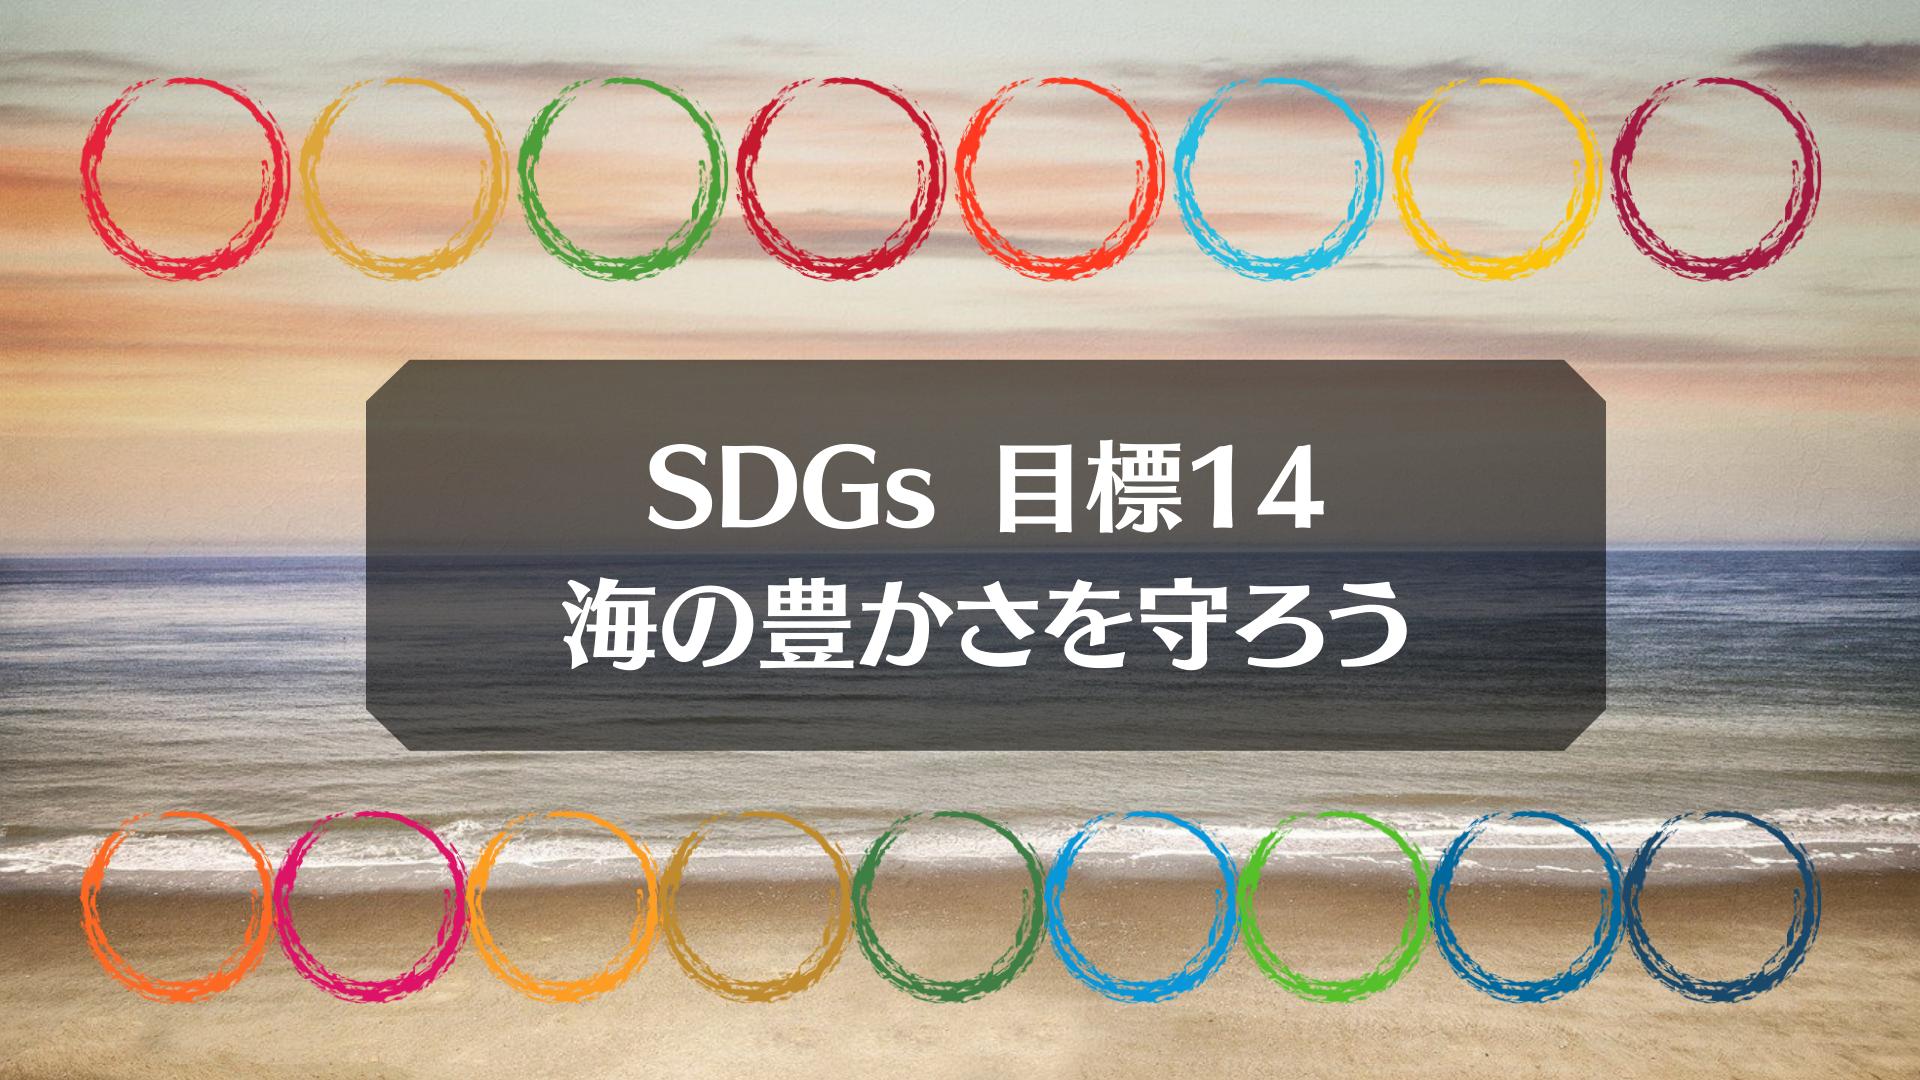 SDGs目標14「海の豊かさを守ろう」2つの重要キーワードを解説|企業や個人の取り組みも